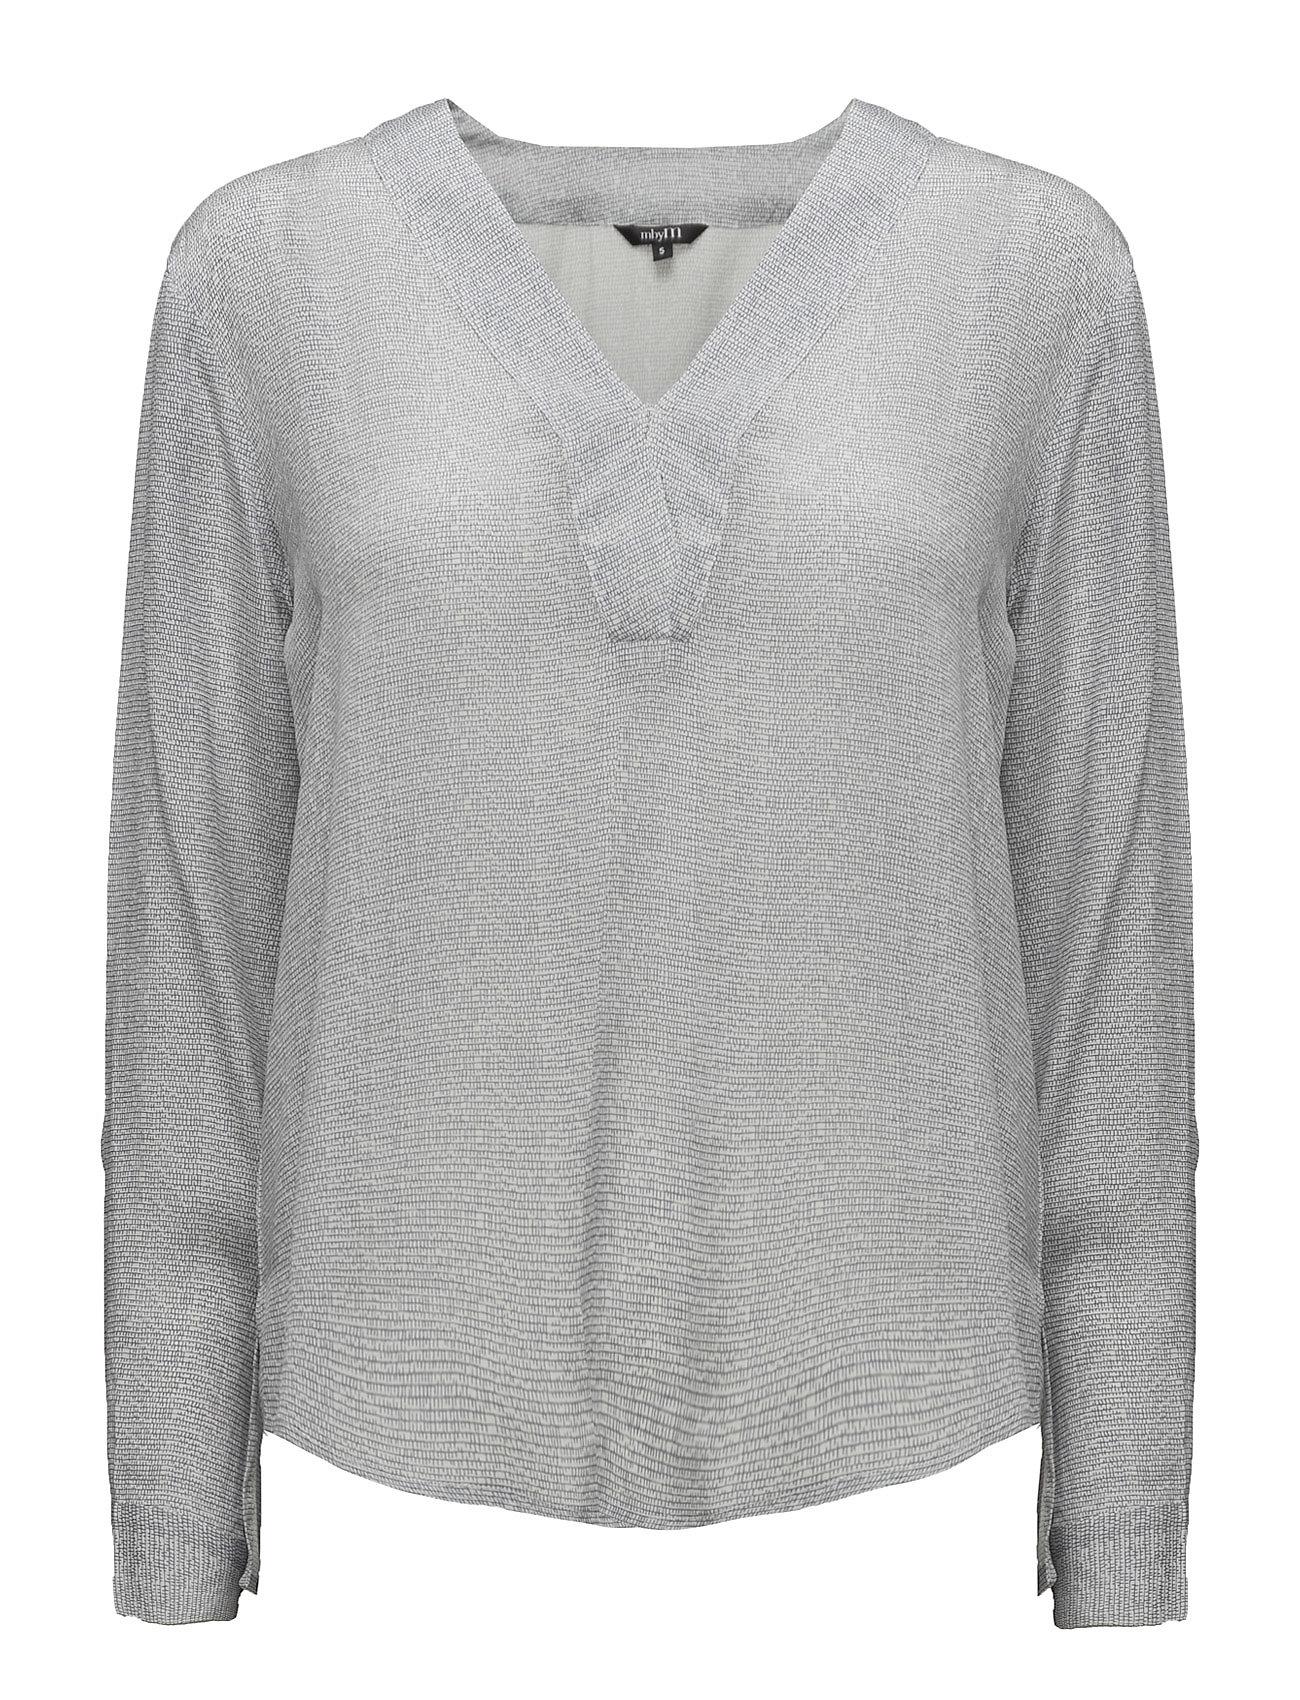 9a1de8e0d5b Shop Kaia mbyM Bluser i til Kvinder i en online modebutik